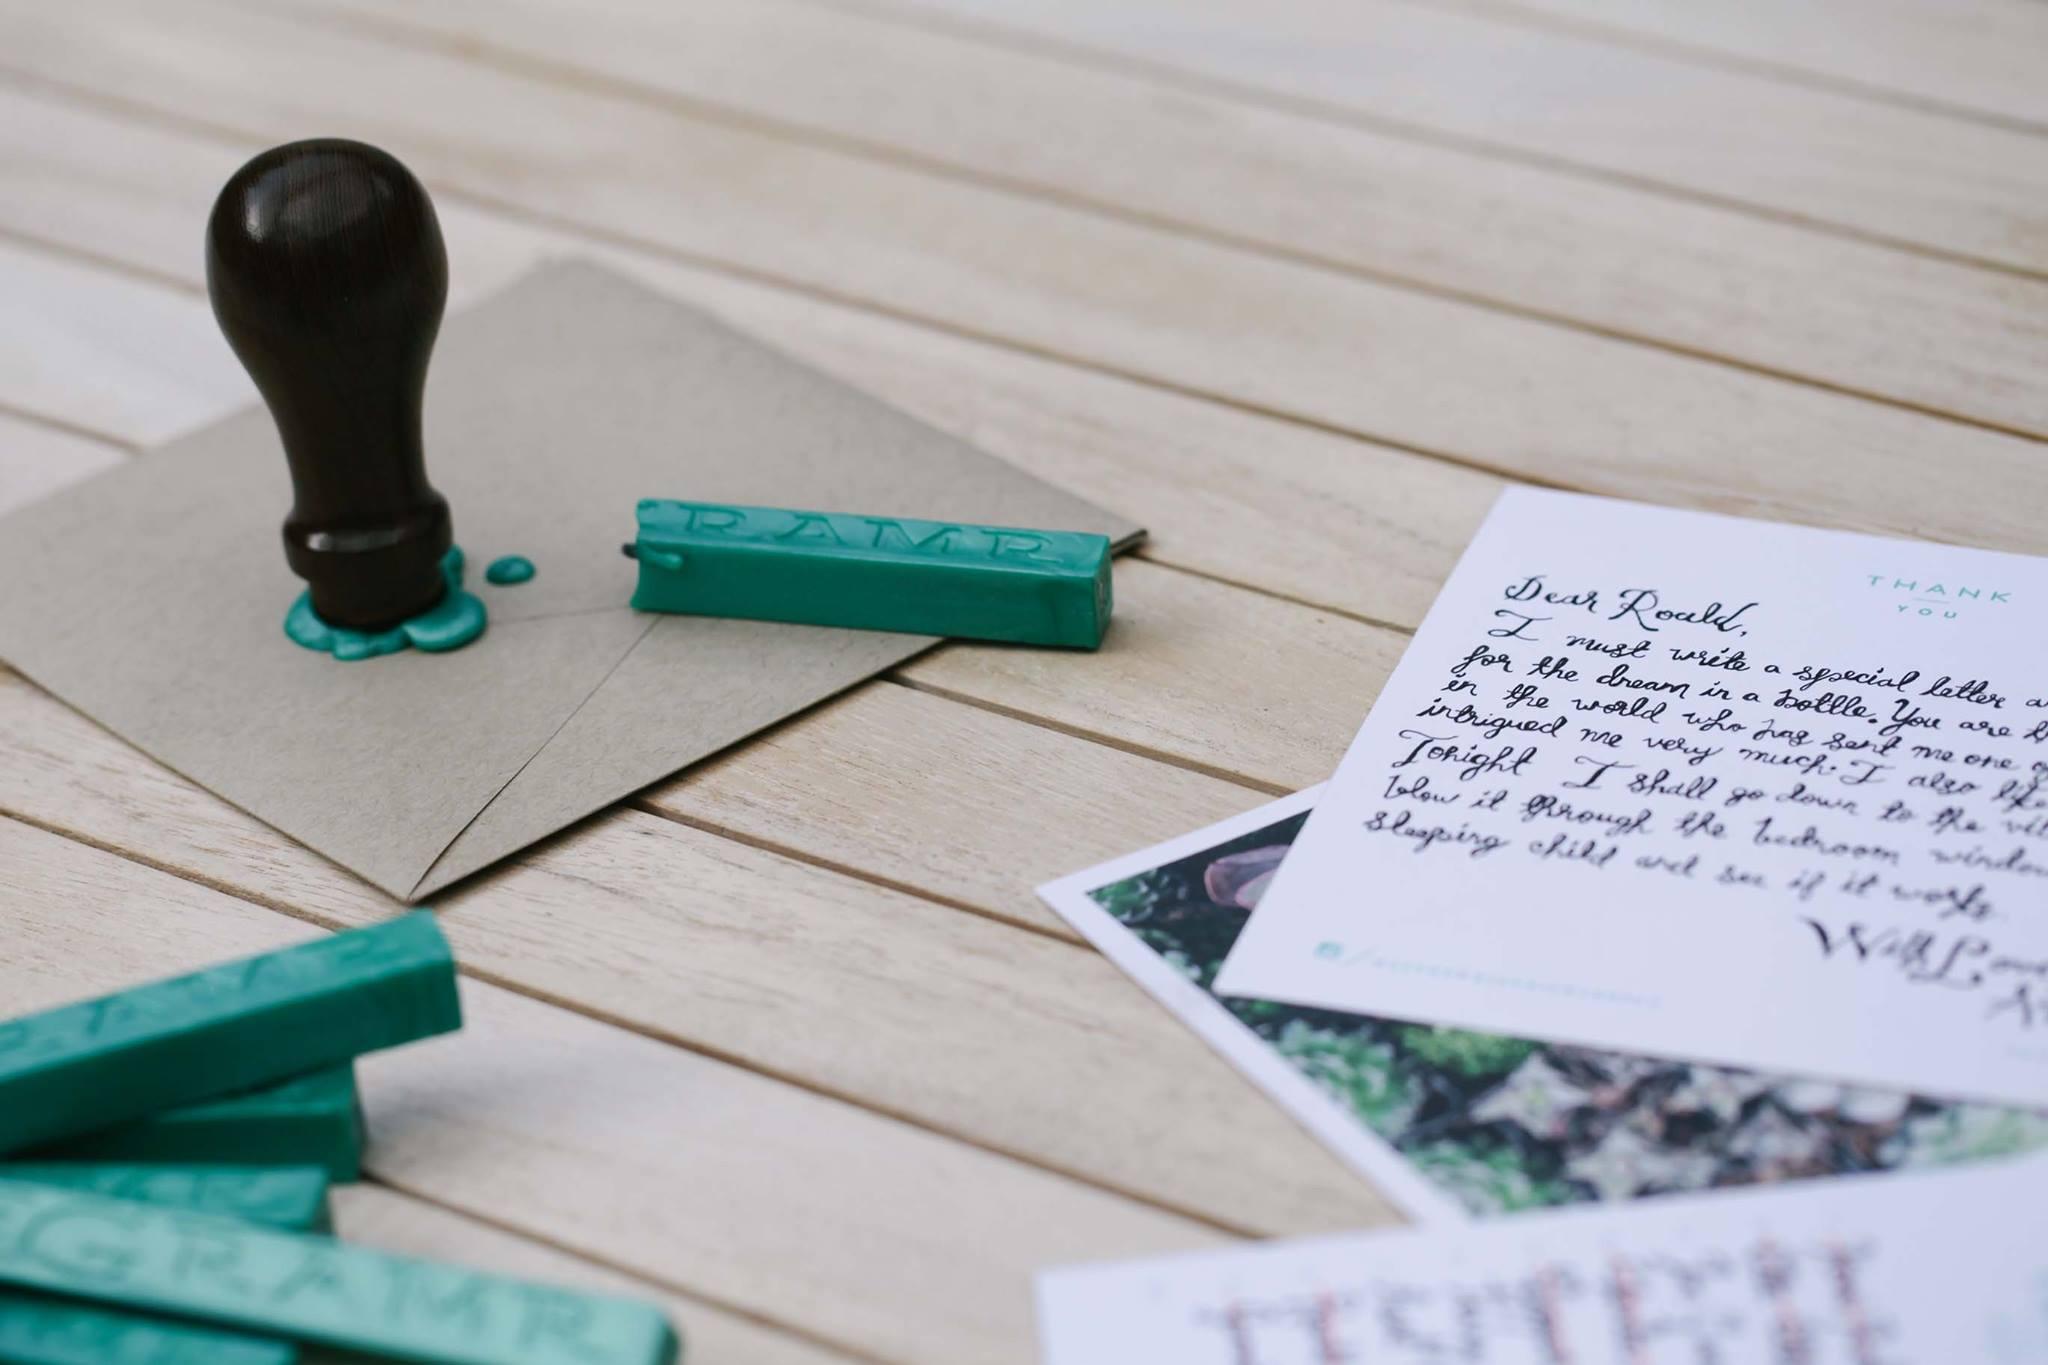 Inspírate con Gramr, un proyecto que recupera el envío de cartas de papel